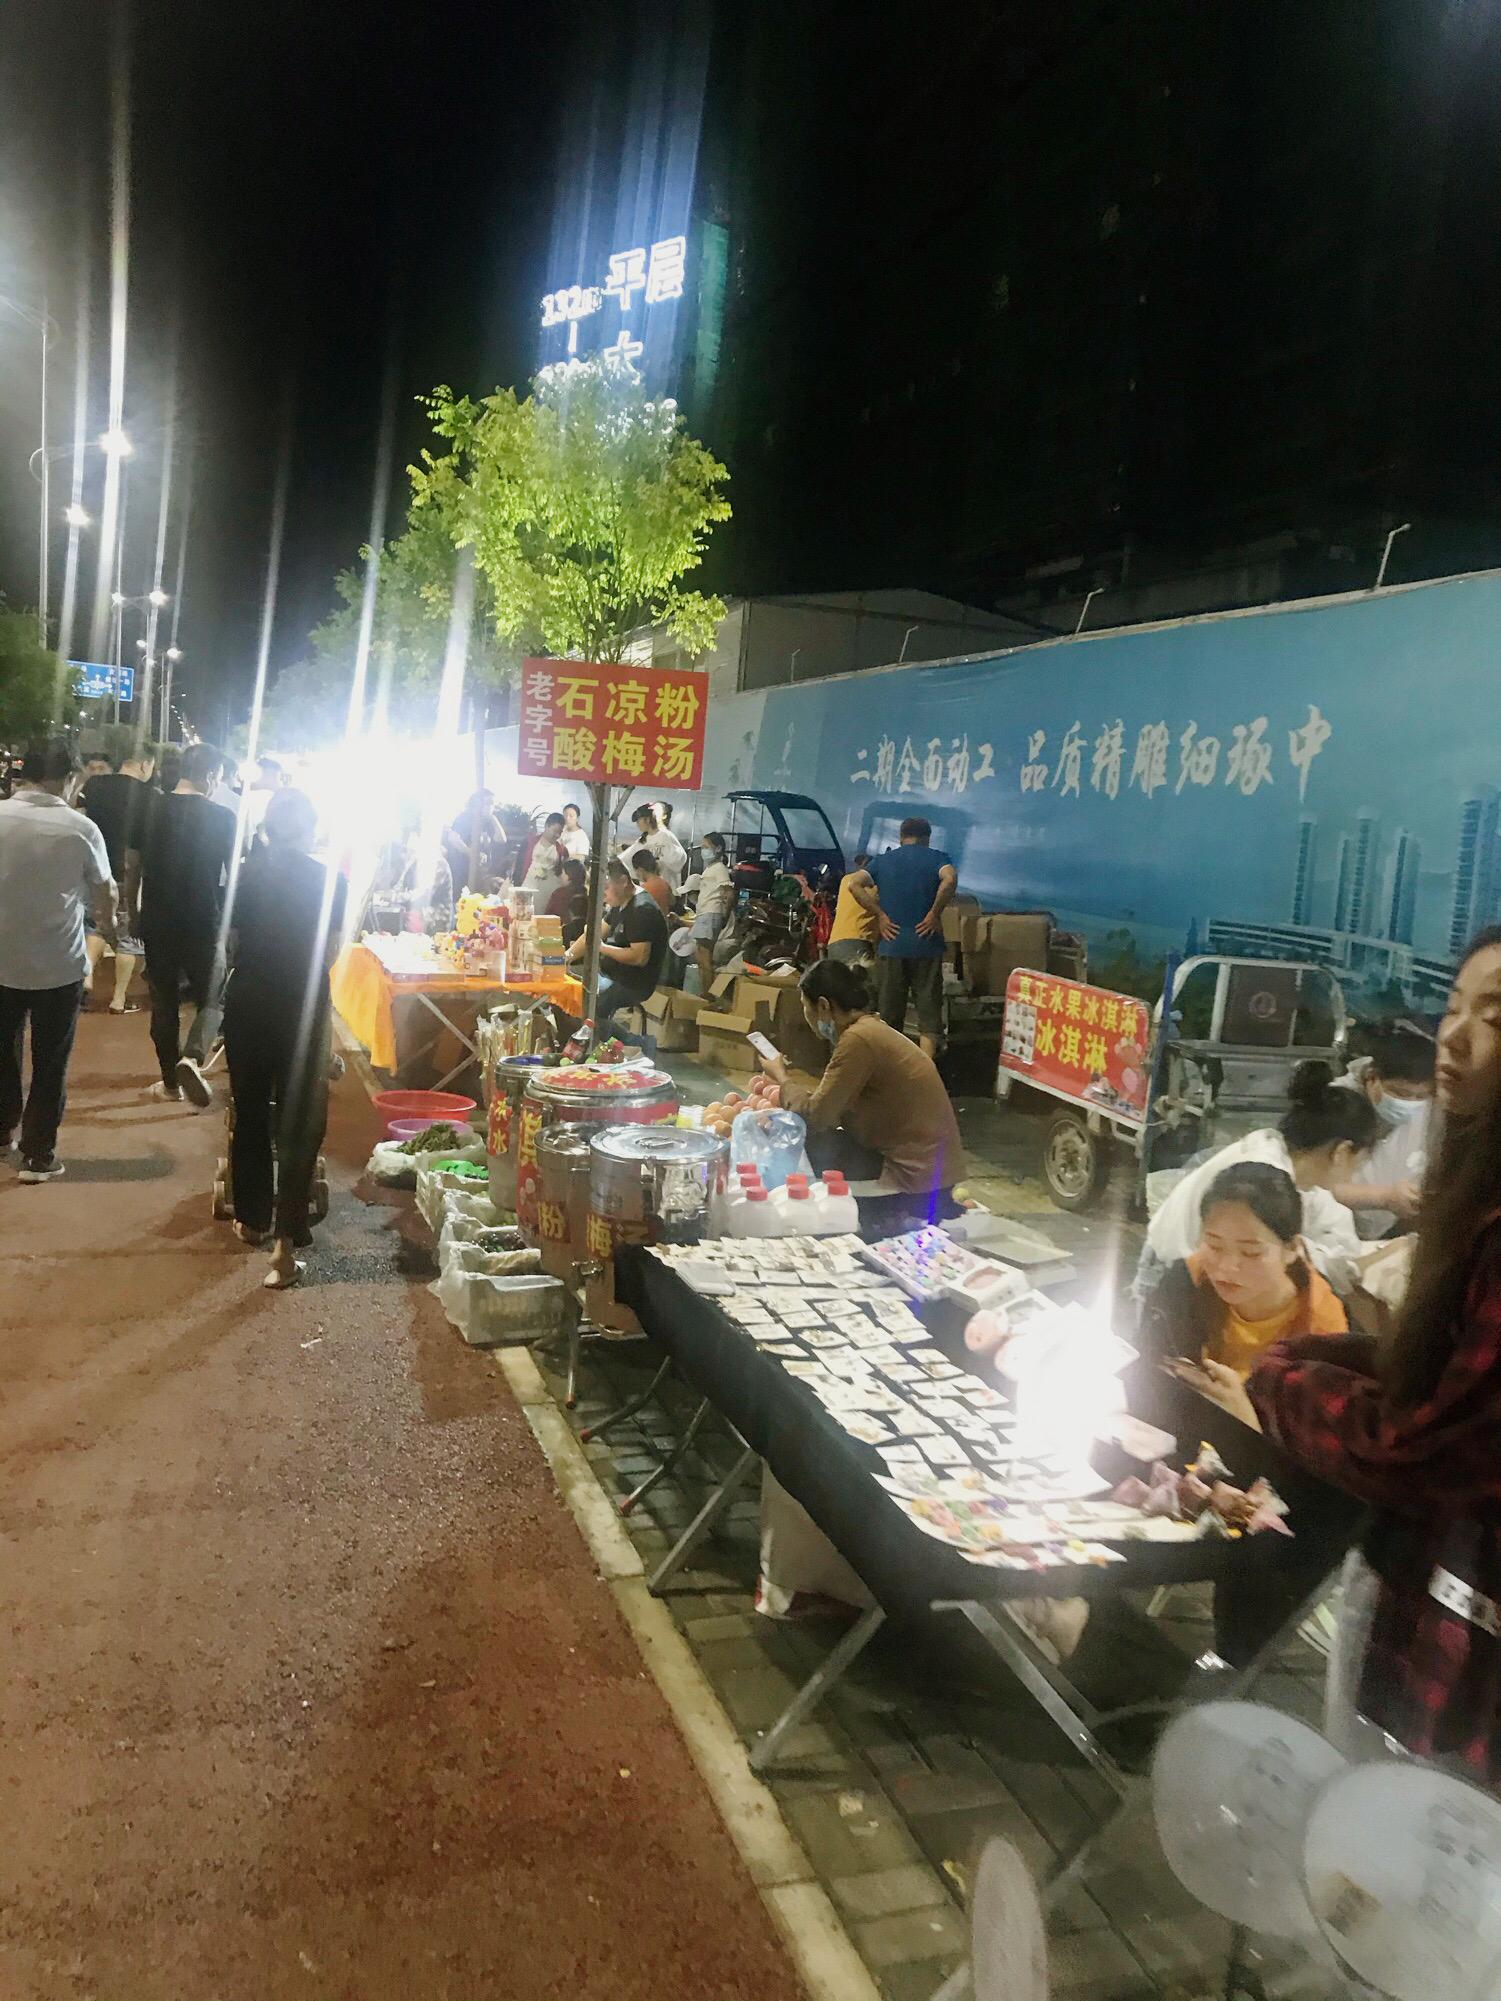 Huangchuan Chengxiang Guihua Exhibition hall